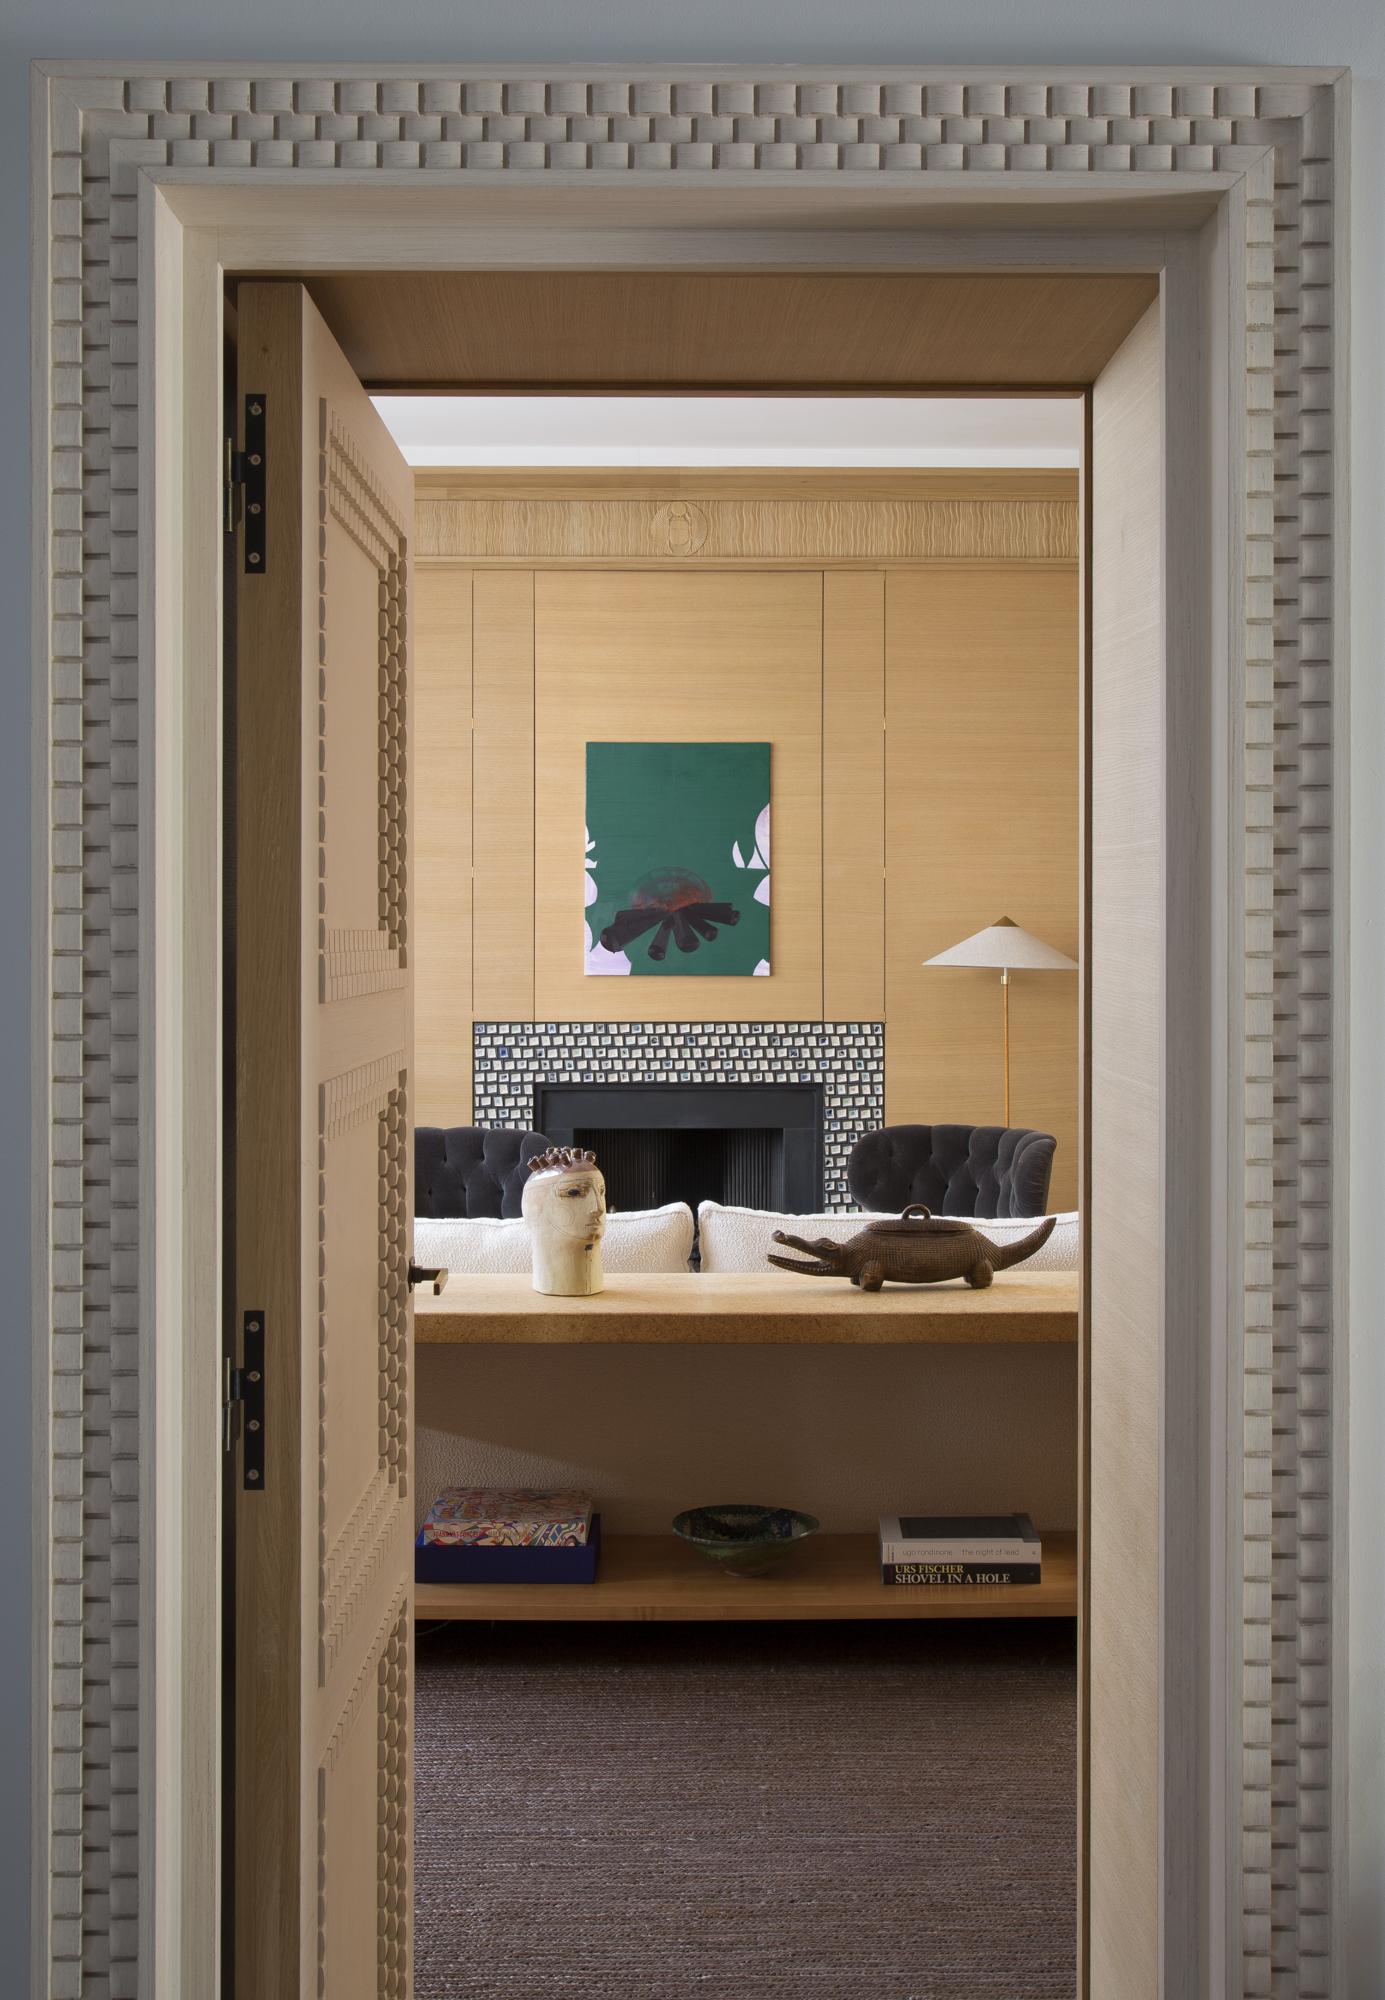 Encadrement de porte créé par Féau Boiseries en s'inspirant d'un des motifs Art Déco d'Emile-Jacques Ruhlmann